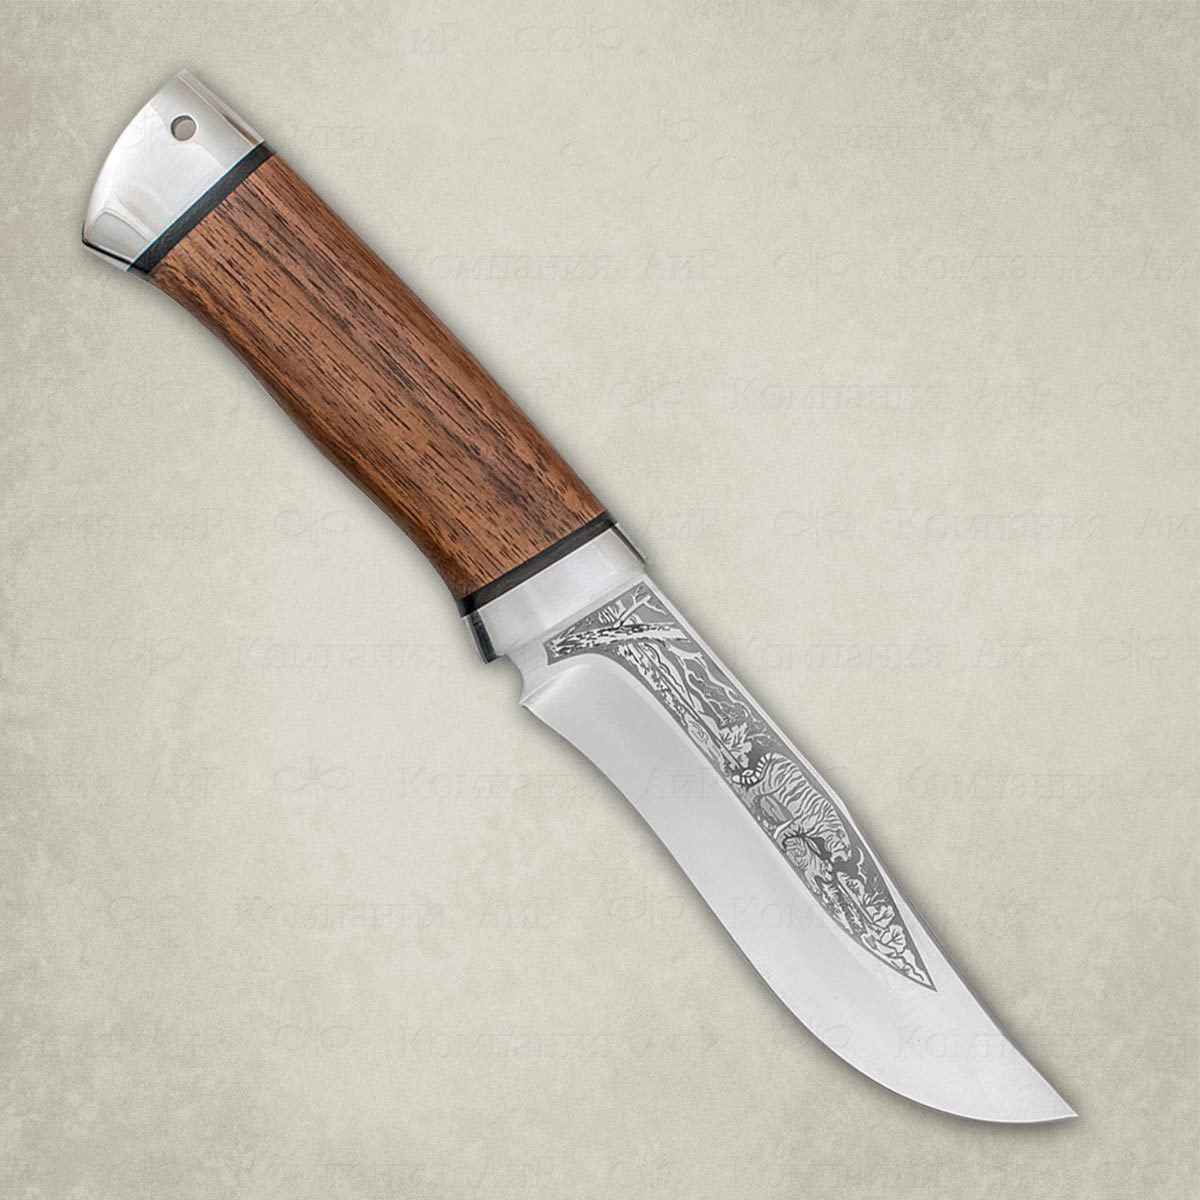 Нож разделочный АиР Клычок-3, сталь ЭП-766, рукоять дерево нож аир хазар сталь эп 766 рукоять дерево